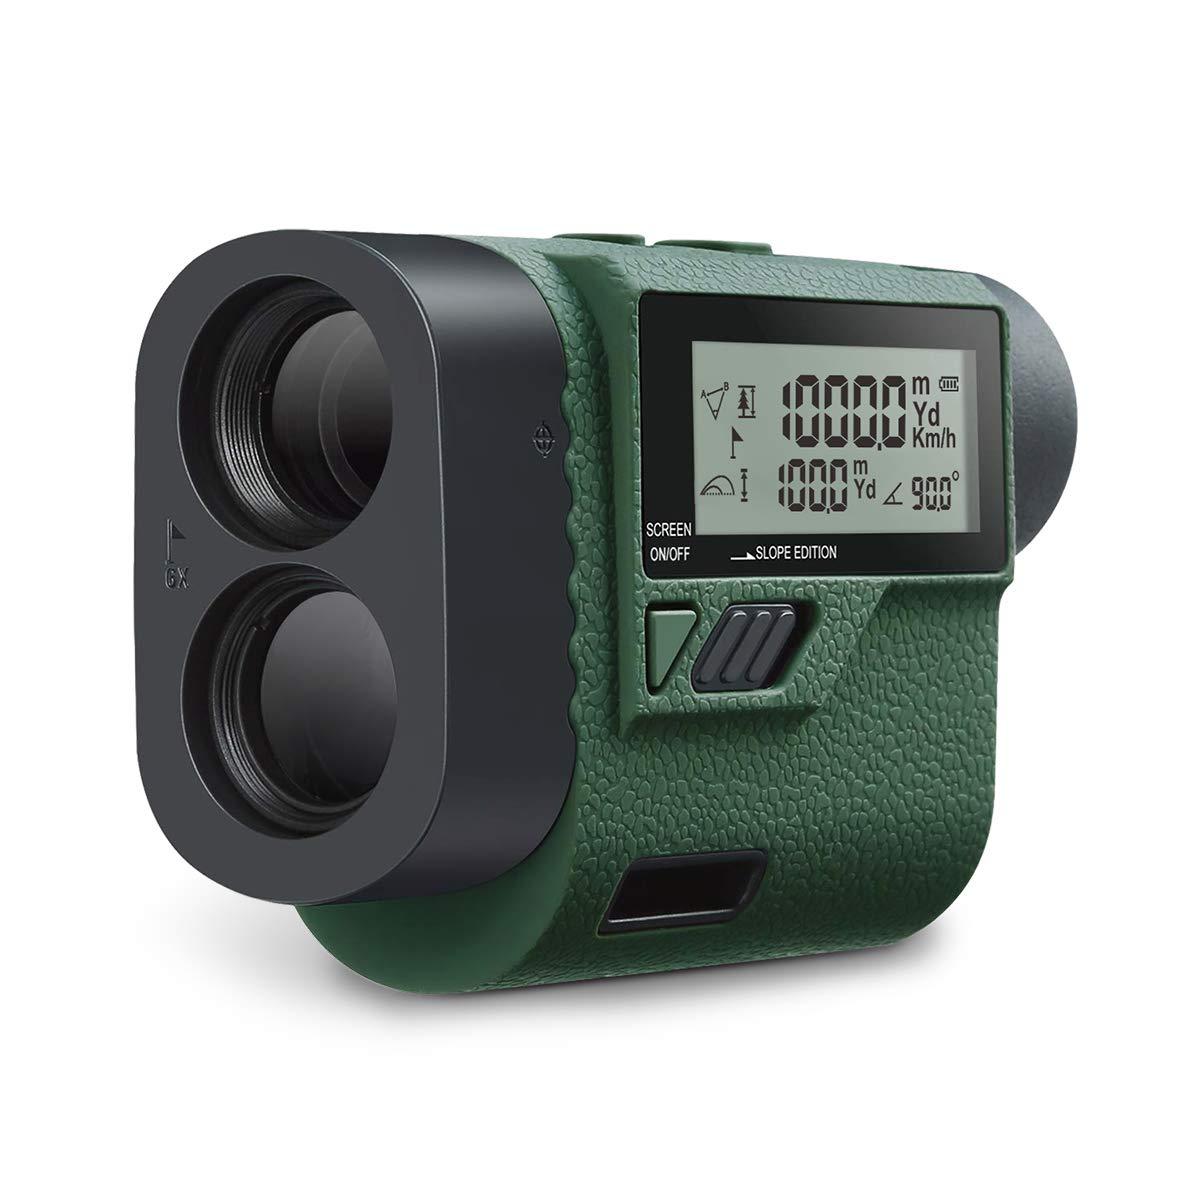 Huepar Golf Laser Rangefinder 1000 Yards 6X Laser Range Finder with Slope Adjustment- Golf Trajectory/Flag-Lock/Distance/Height/Speed/Angle Measurement, External LCD Screen for Golf, Hunting HLR1000 by Huepar